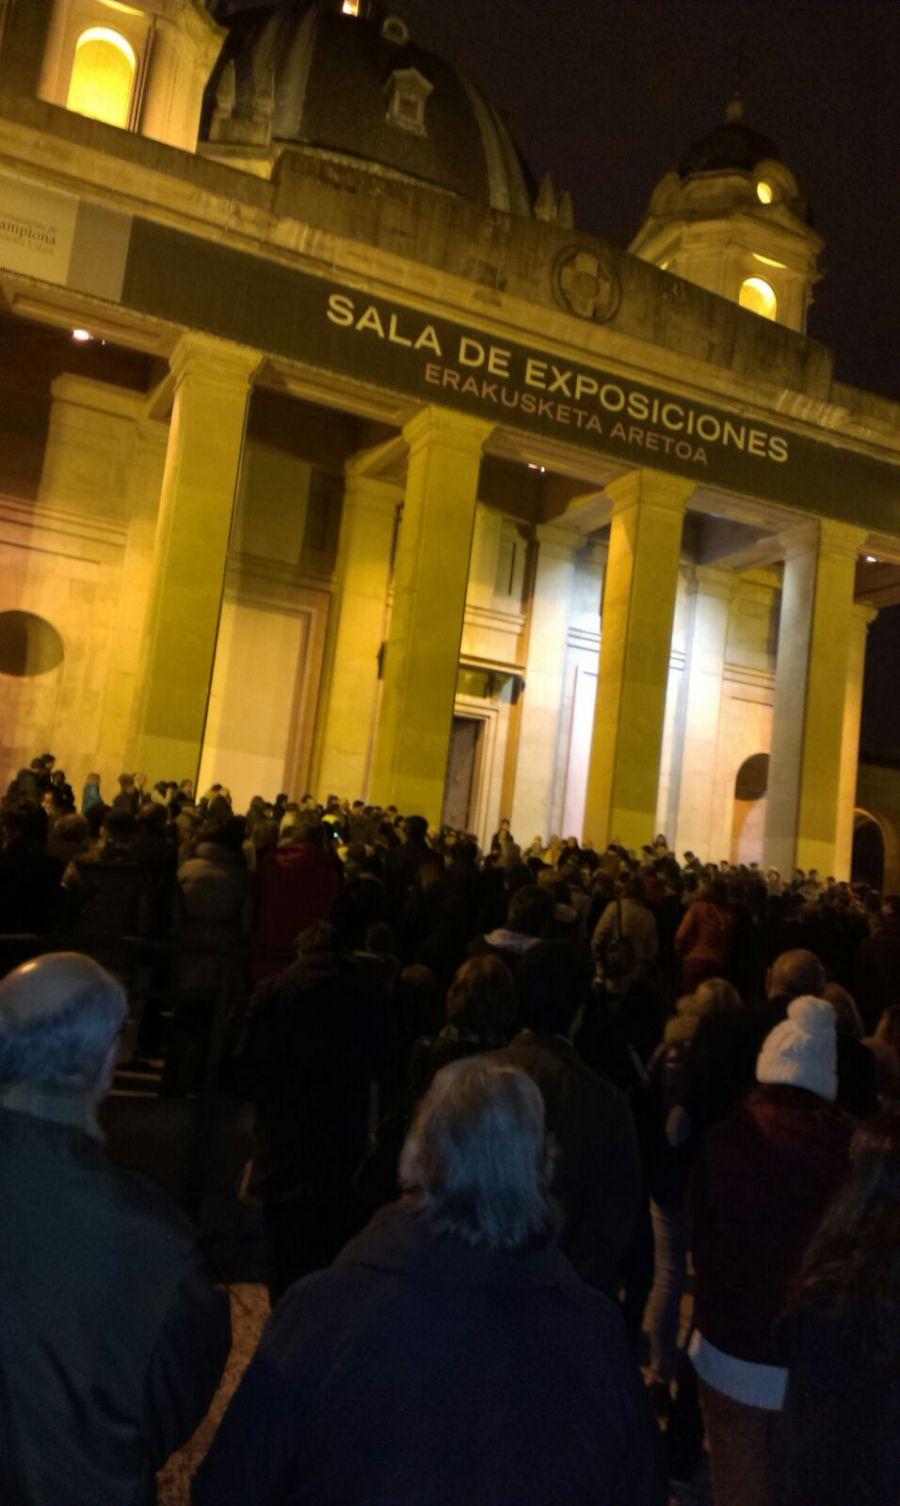 """Multitudinario """"rosario"""" en la Plaza Serapio Esparza por la """"profanación de la exposición"""" de Azcona"""